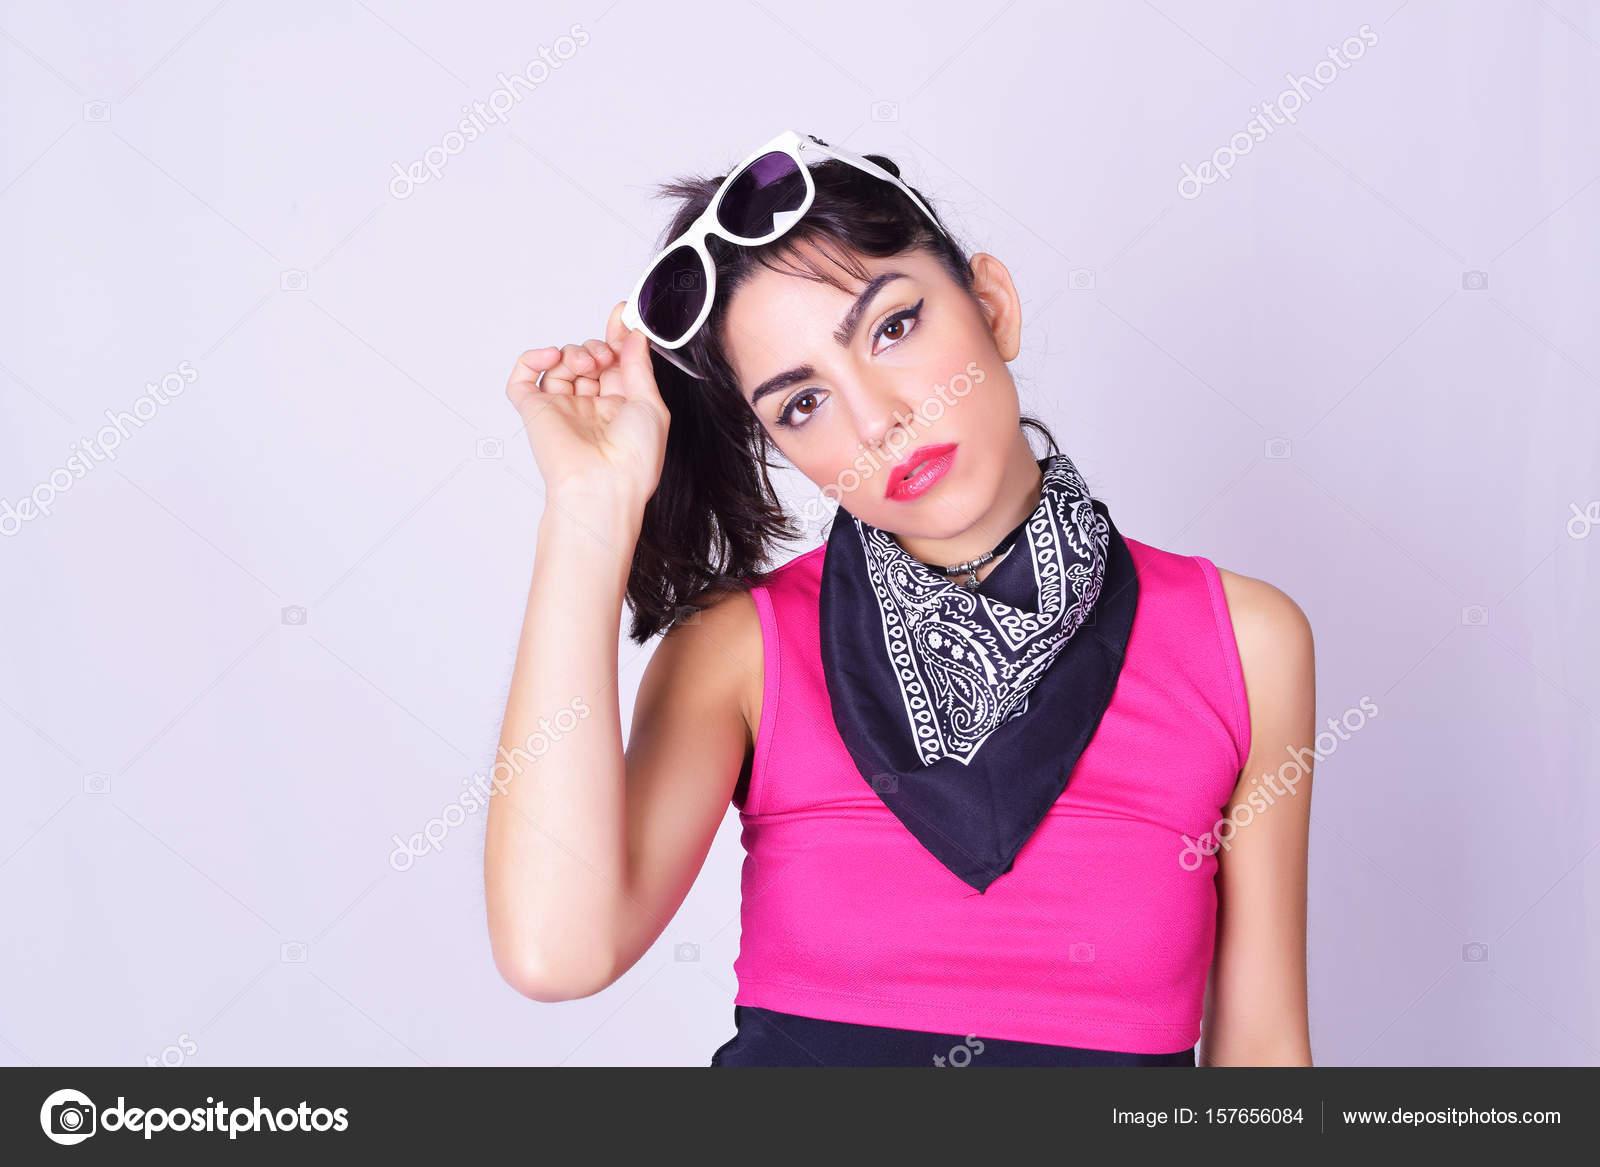 Ritratto di giovane donna alla moda indossando vestiti alla moda urbani.  Ritratto dello studio moda sopra backgroung grigio — Foto di astridsinai 3e62932289b